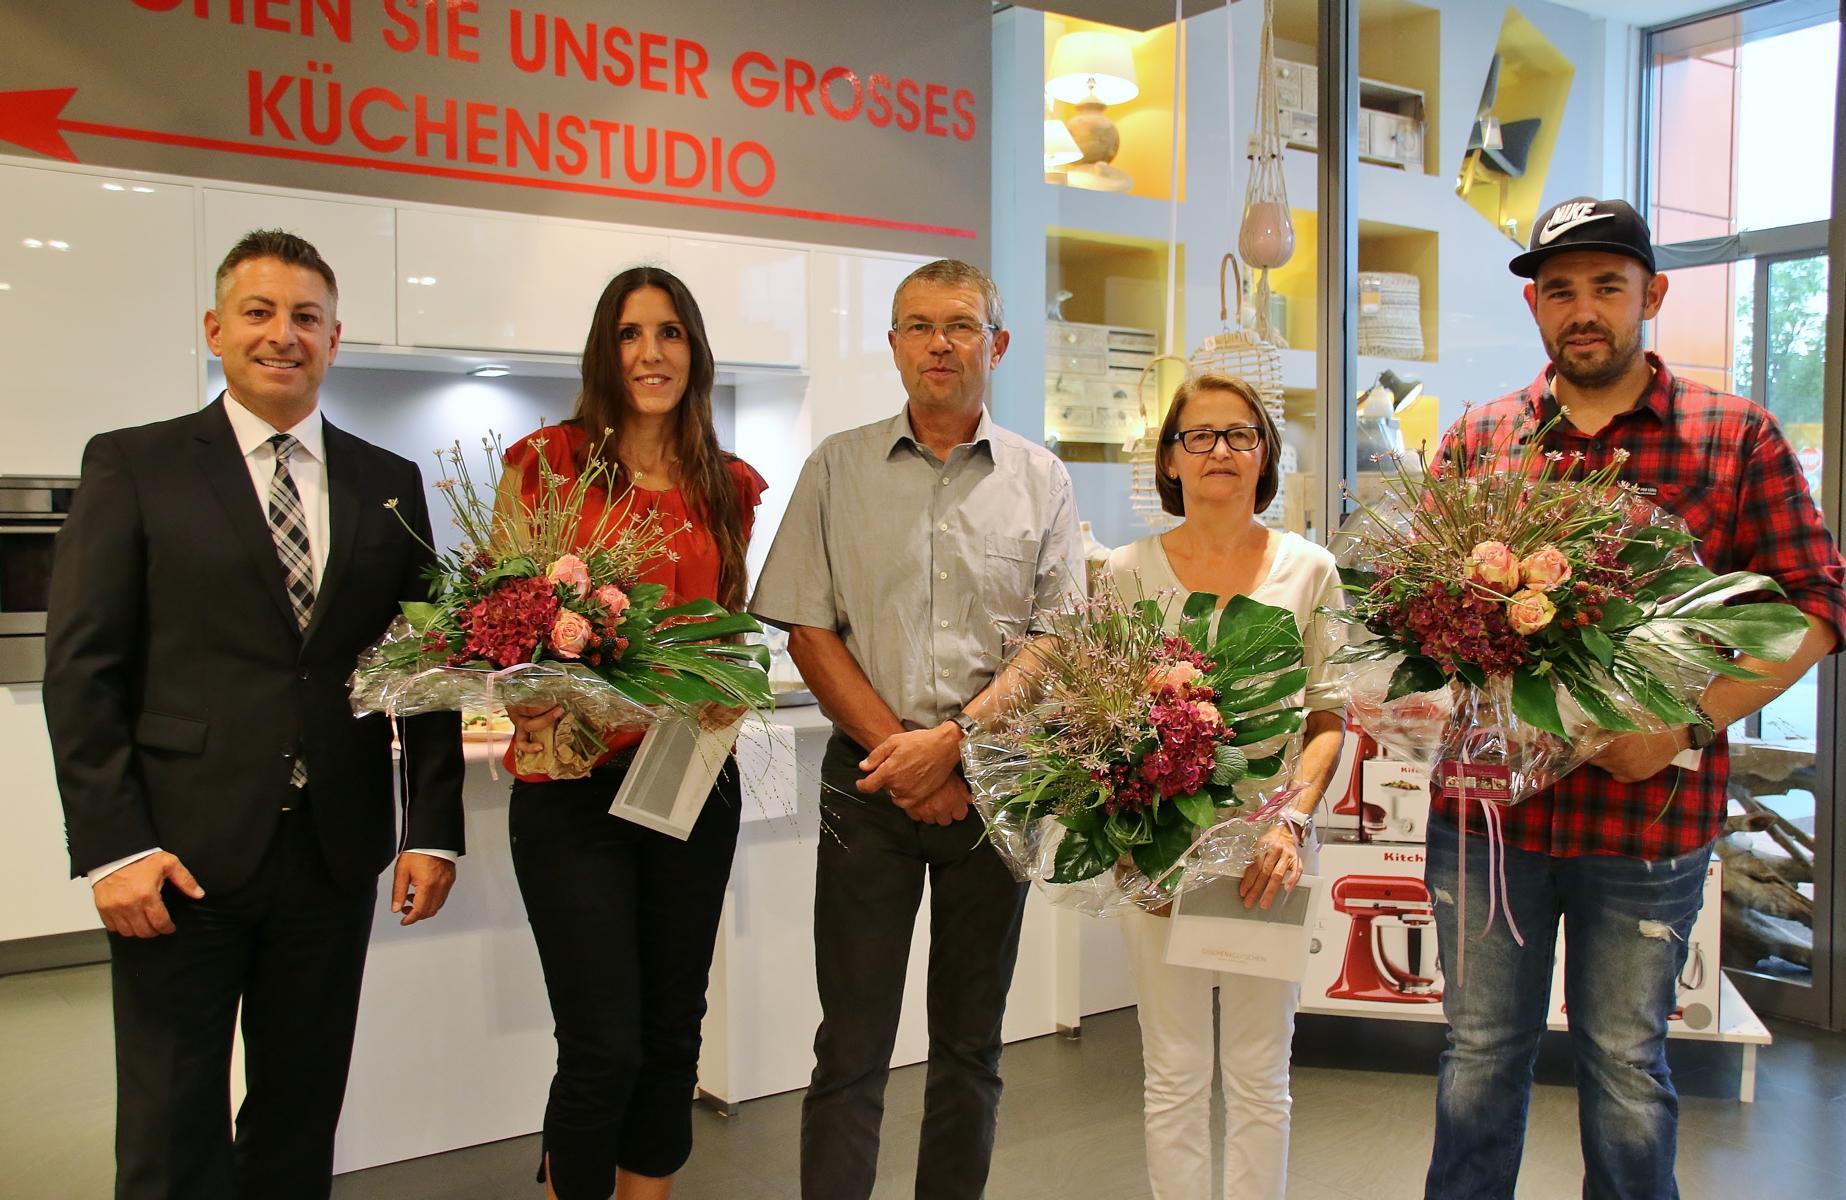 Bei Ehrmann In Frankenthal Feierten Gluckliche Gewinner Tip Verlag